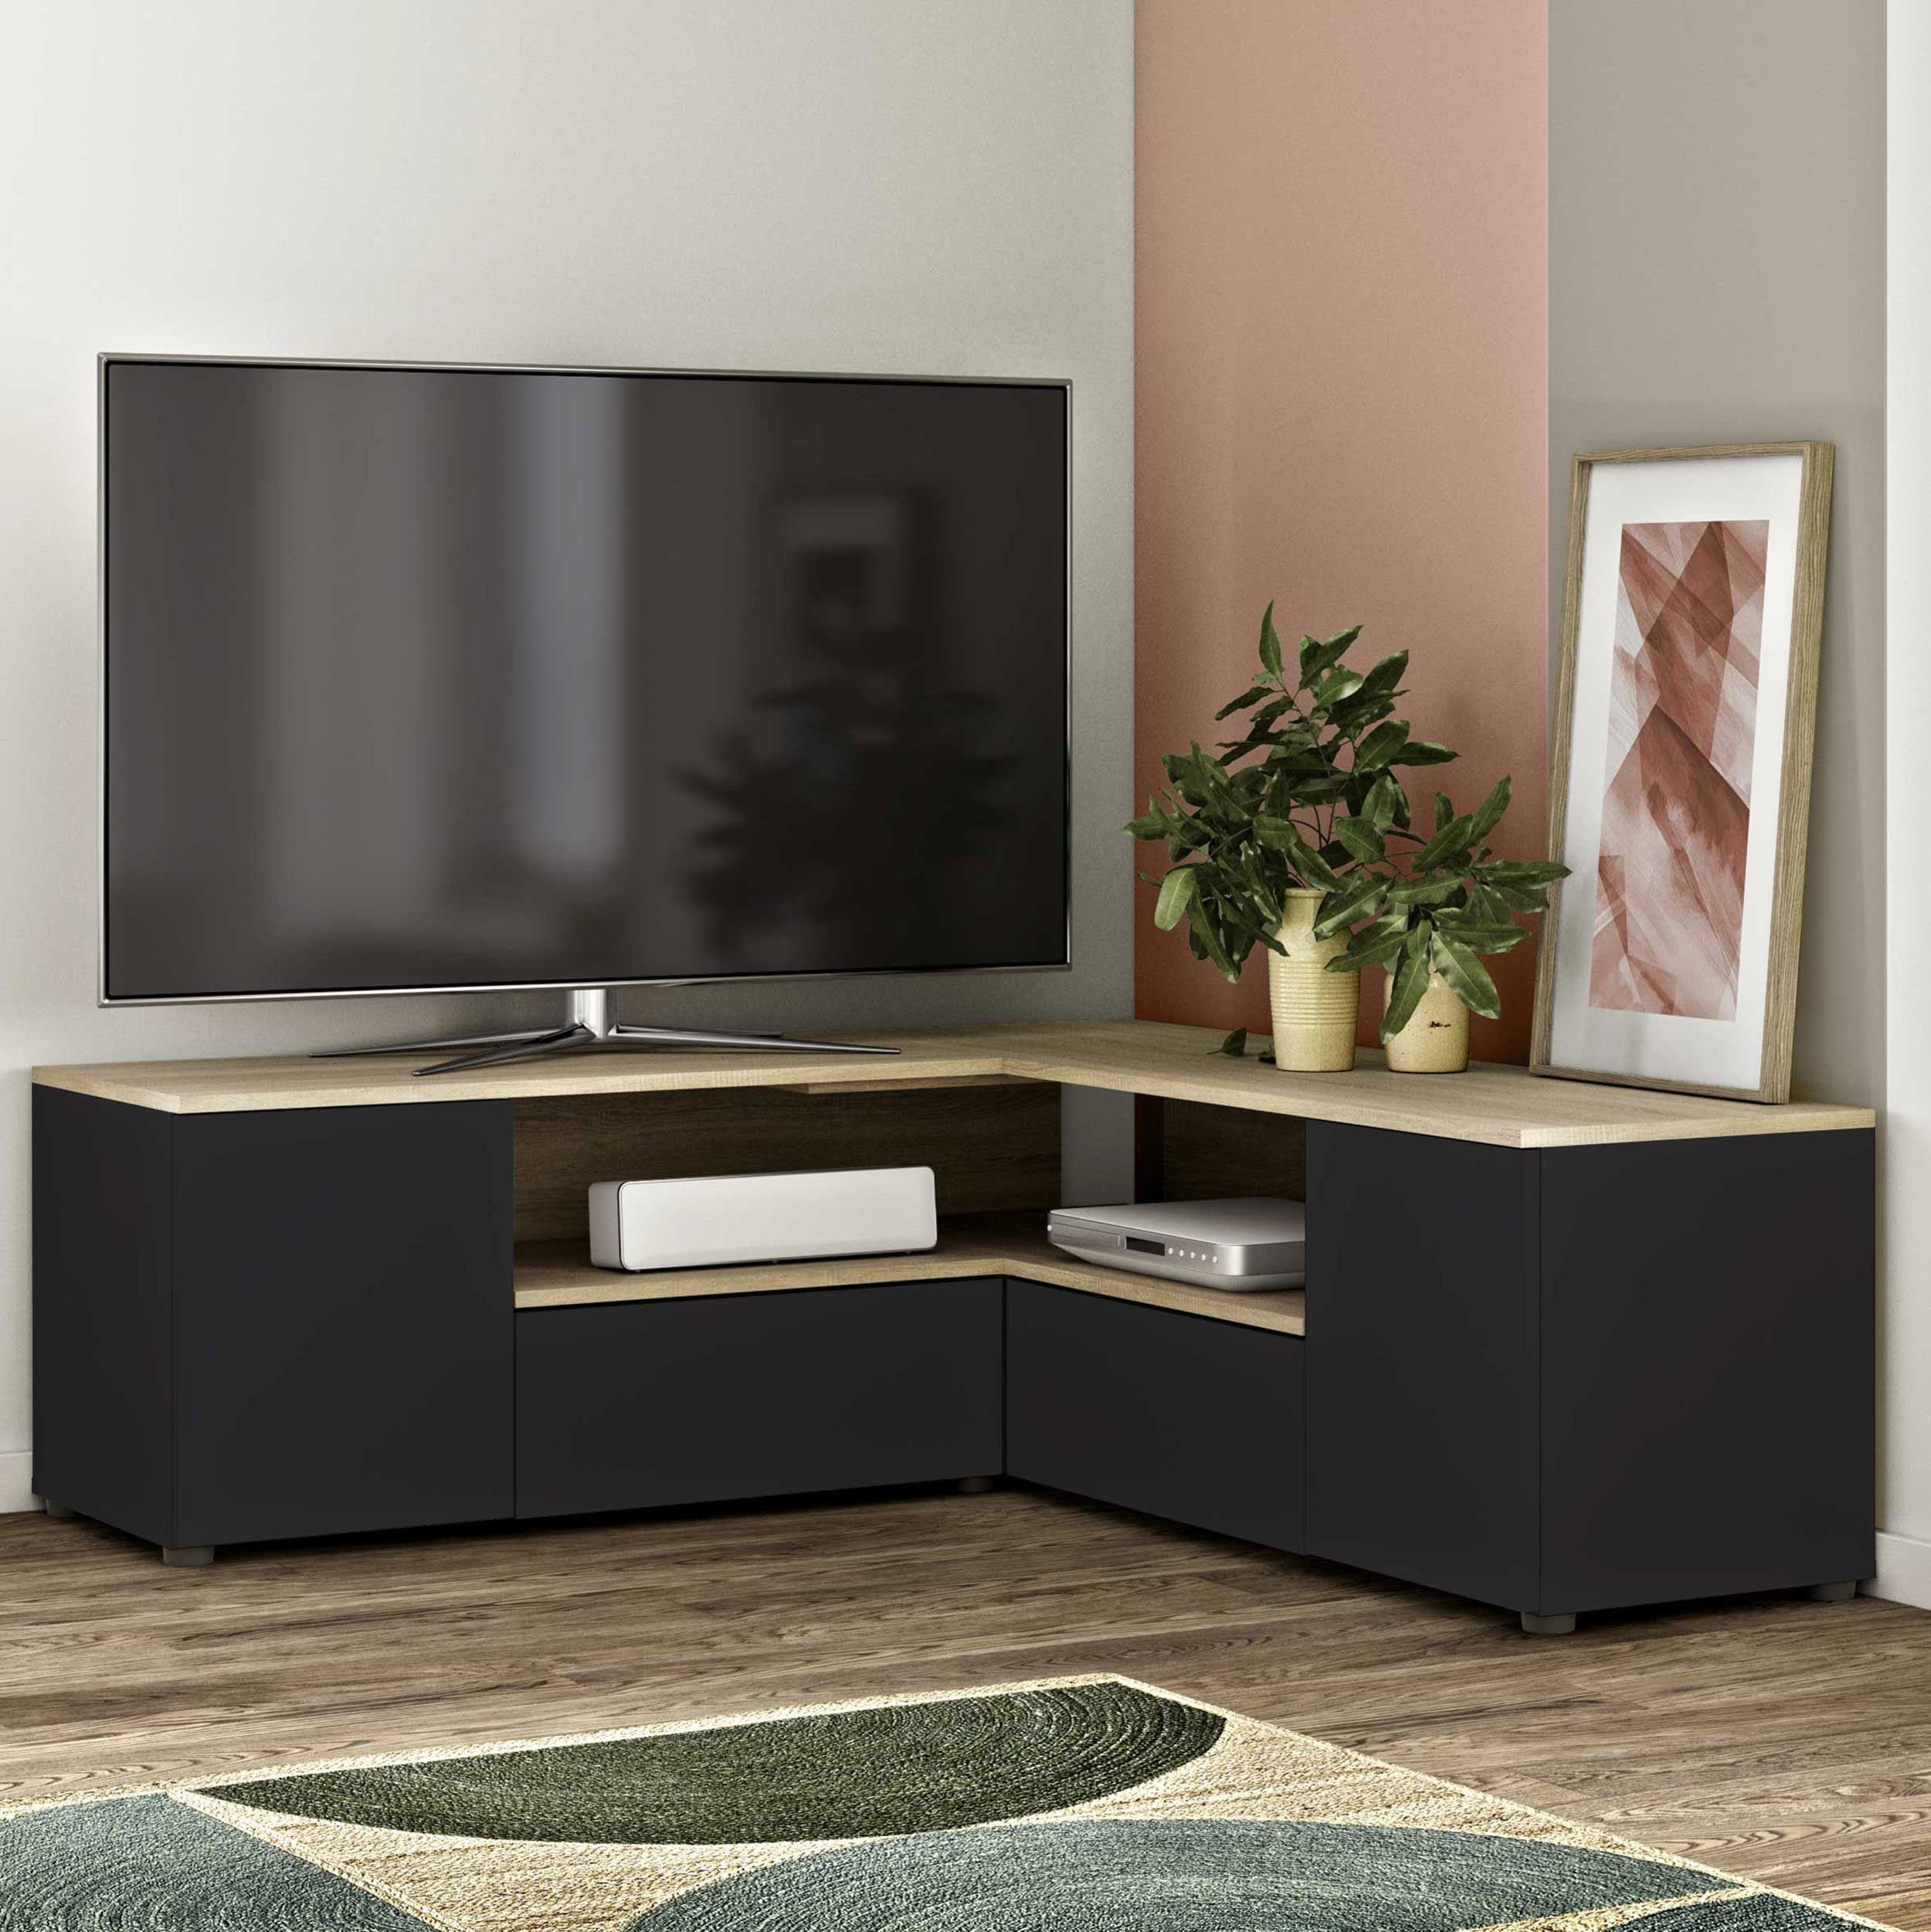 meuble tv cleo 130cm noir chene